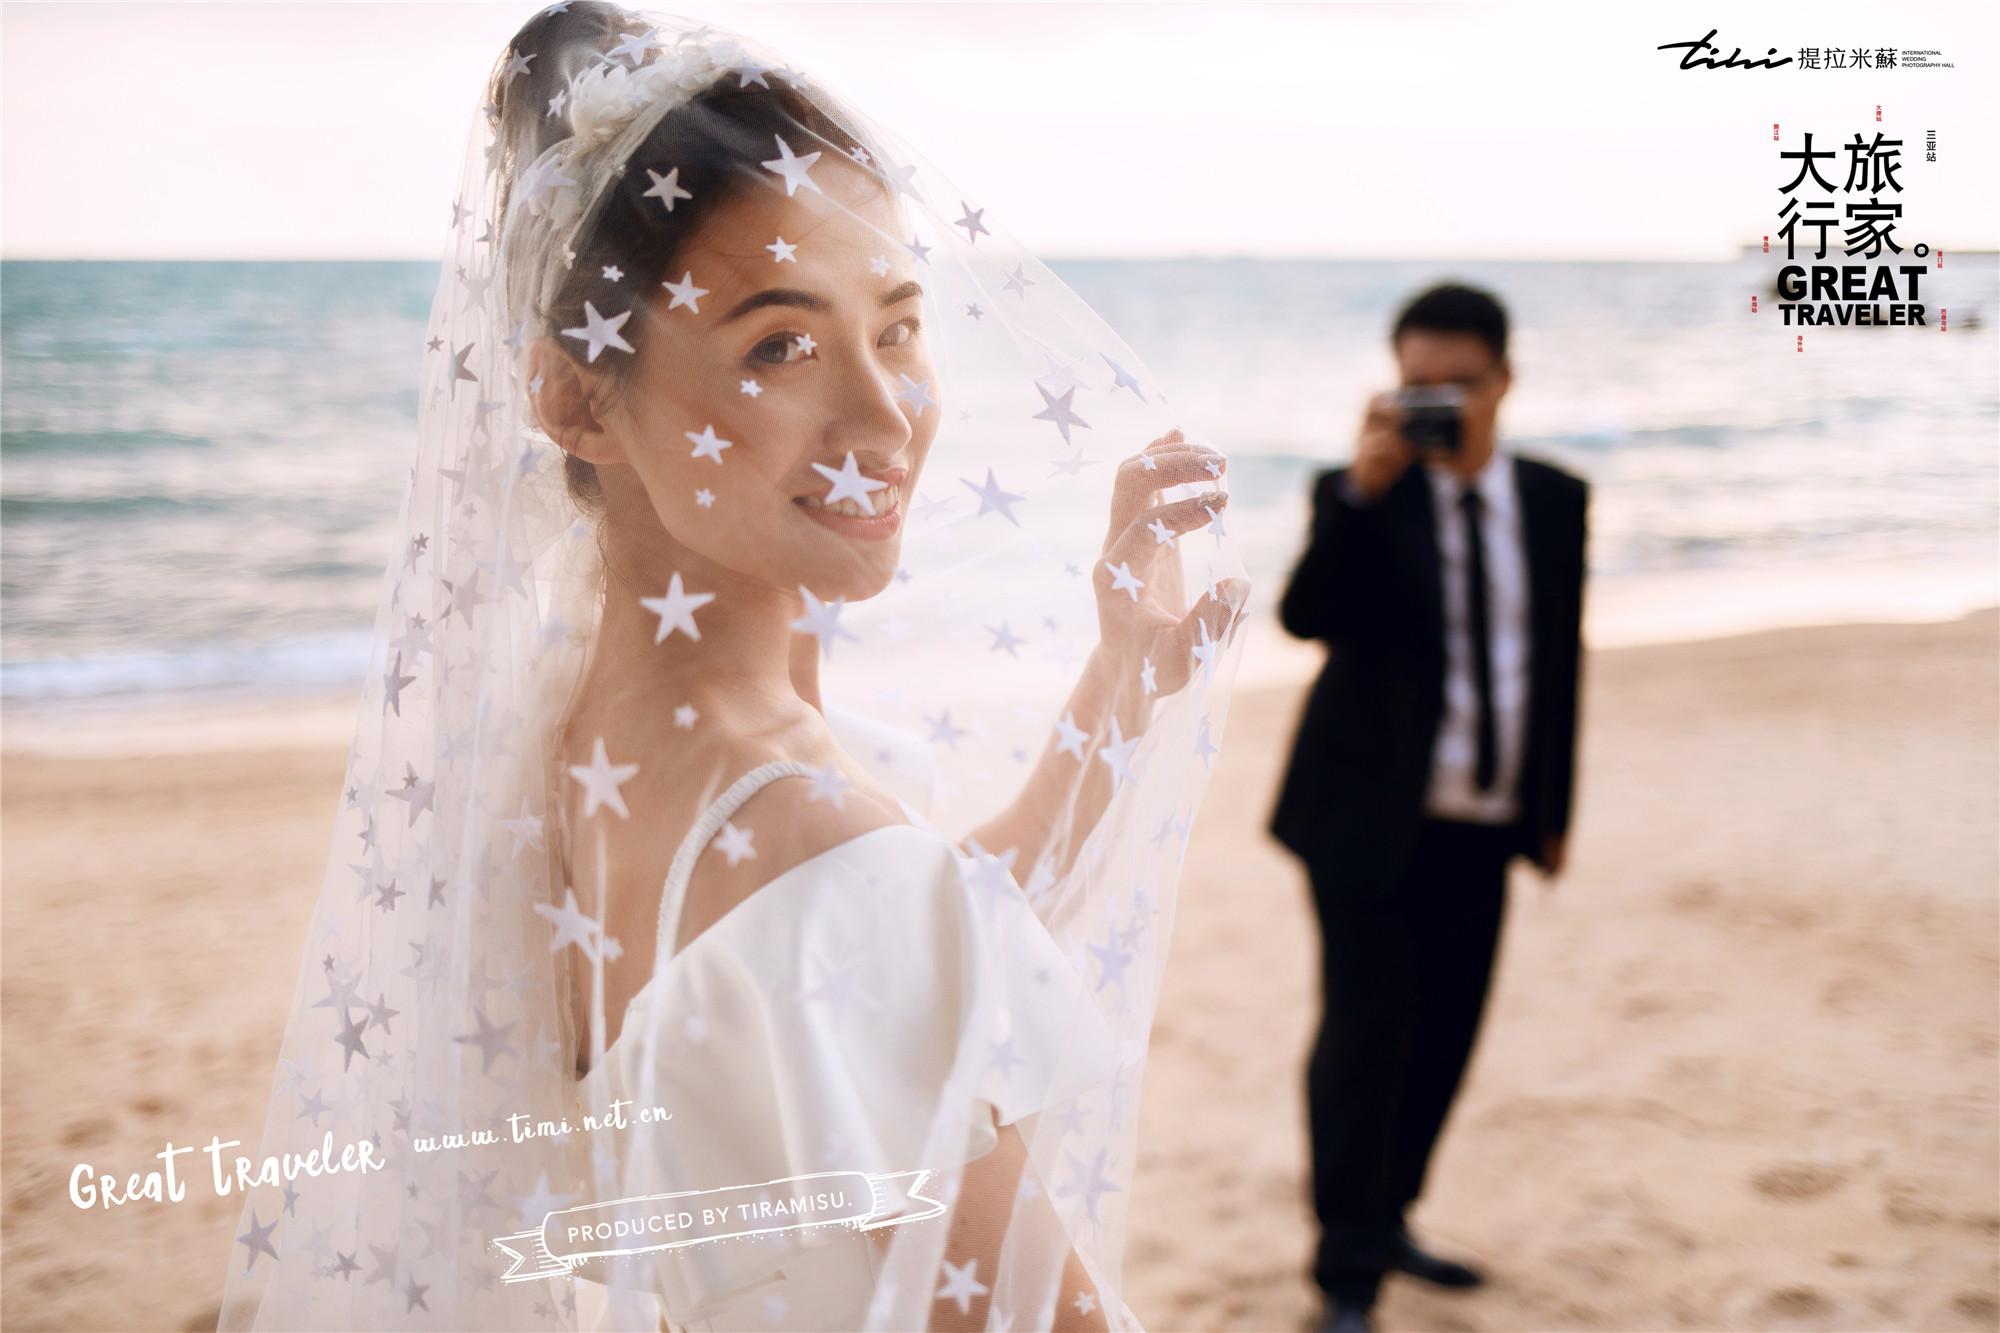 娇小新娘如何拍出漂亮邯郸婚纱照